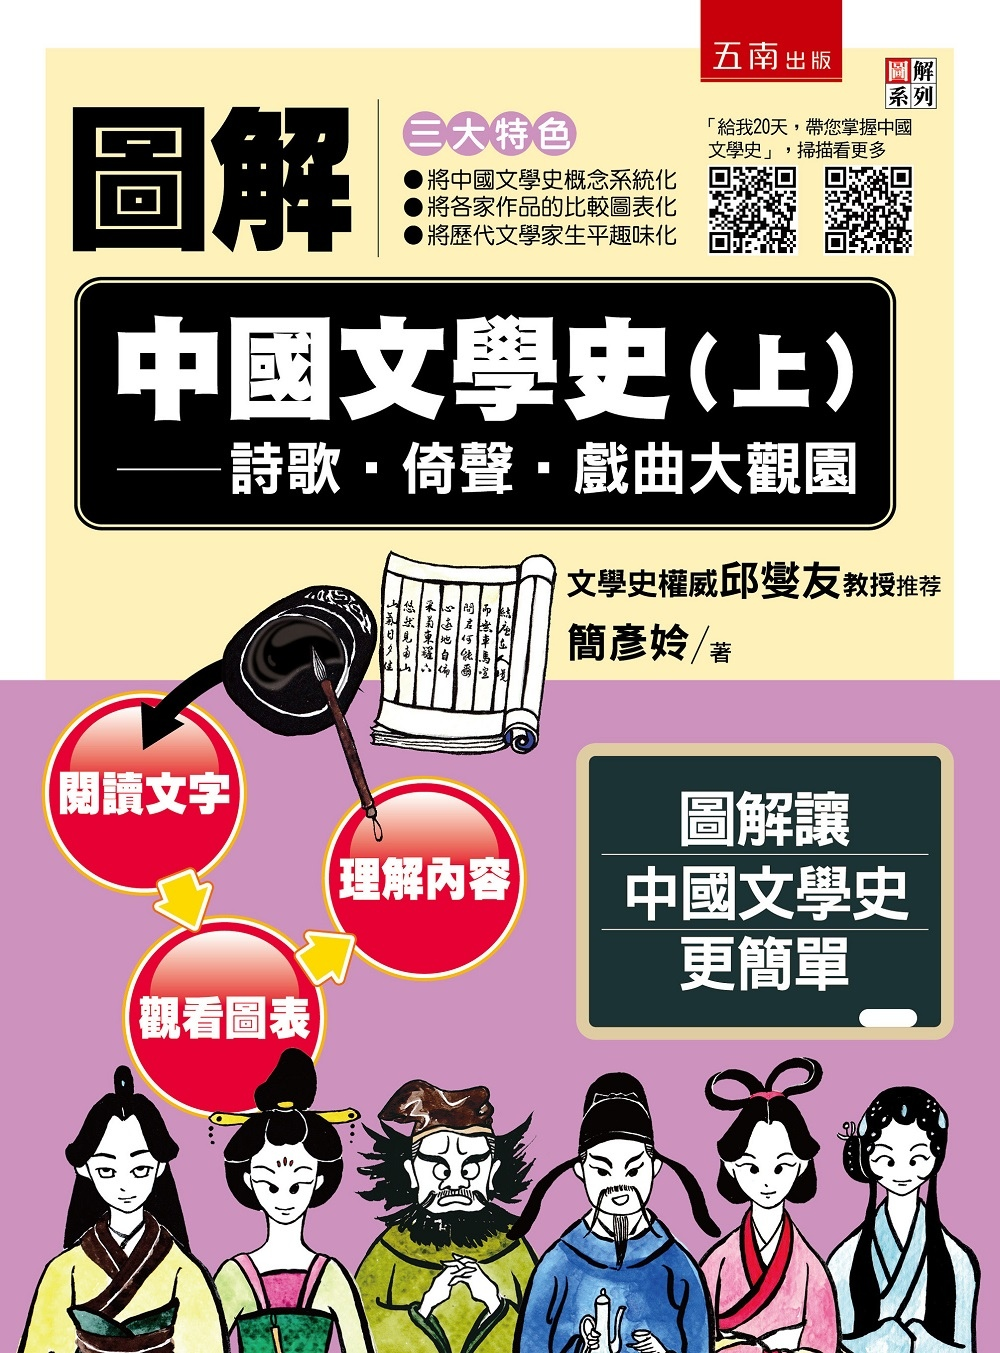 圖解中國文學史(上):詩歌‧倚聲‧戲曲大觀園【附「給我20天,帶您掌握中國文學史」QR Code】